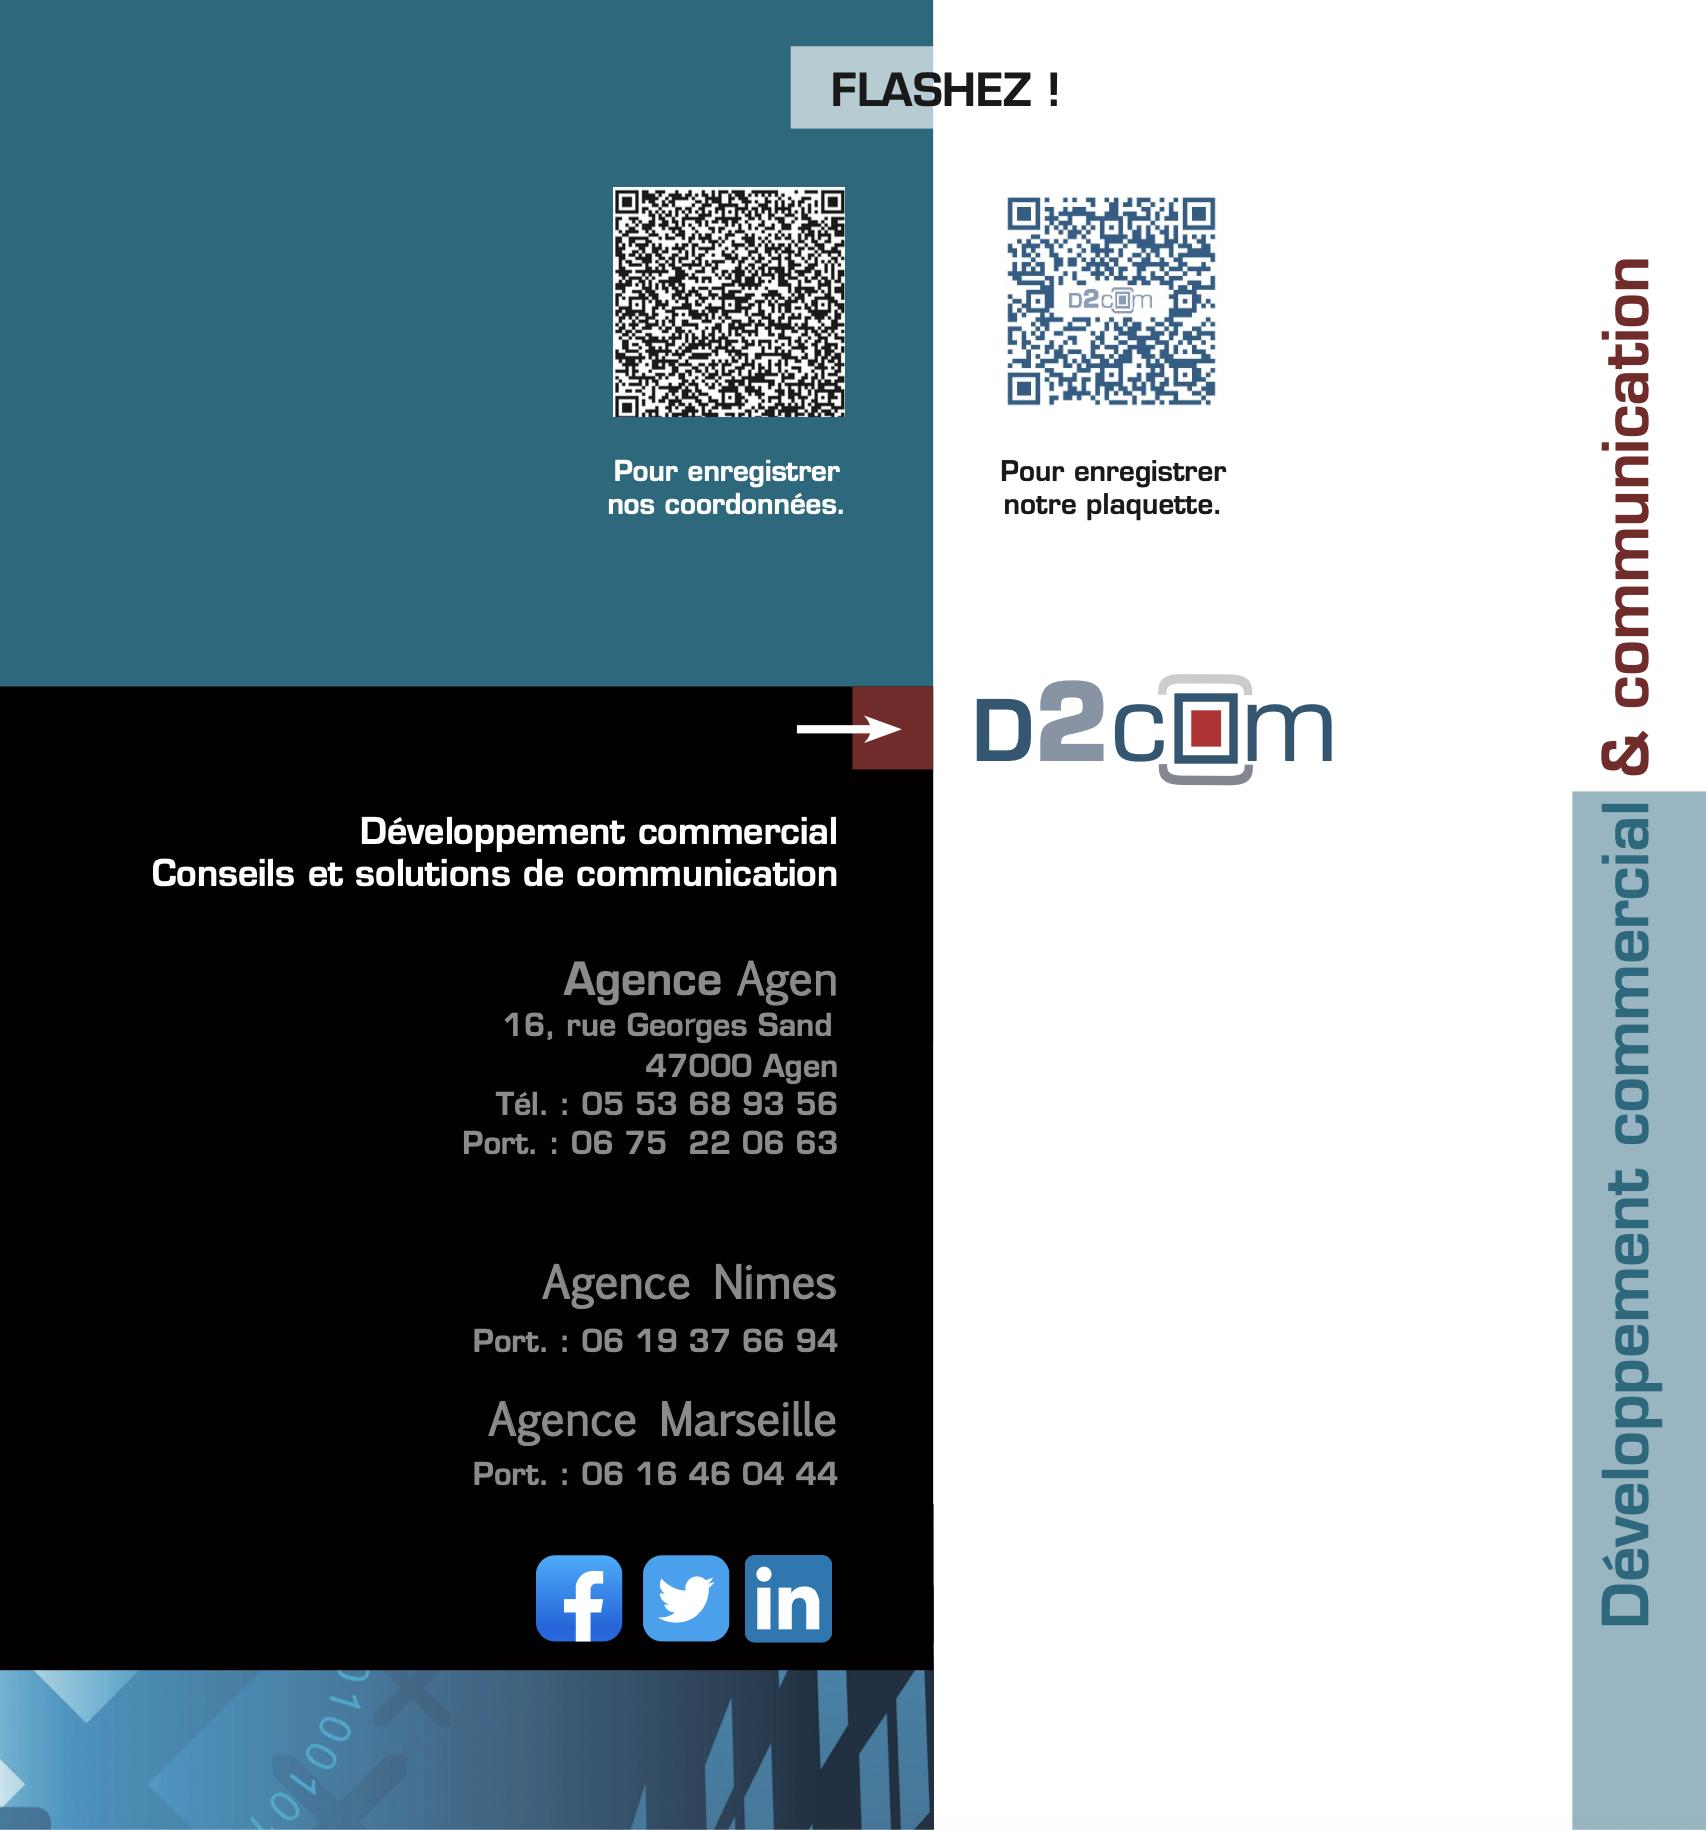 plaquette d2com 4.png